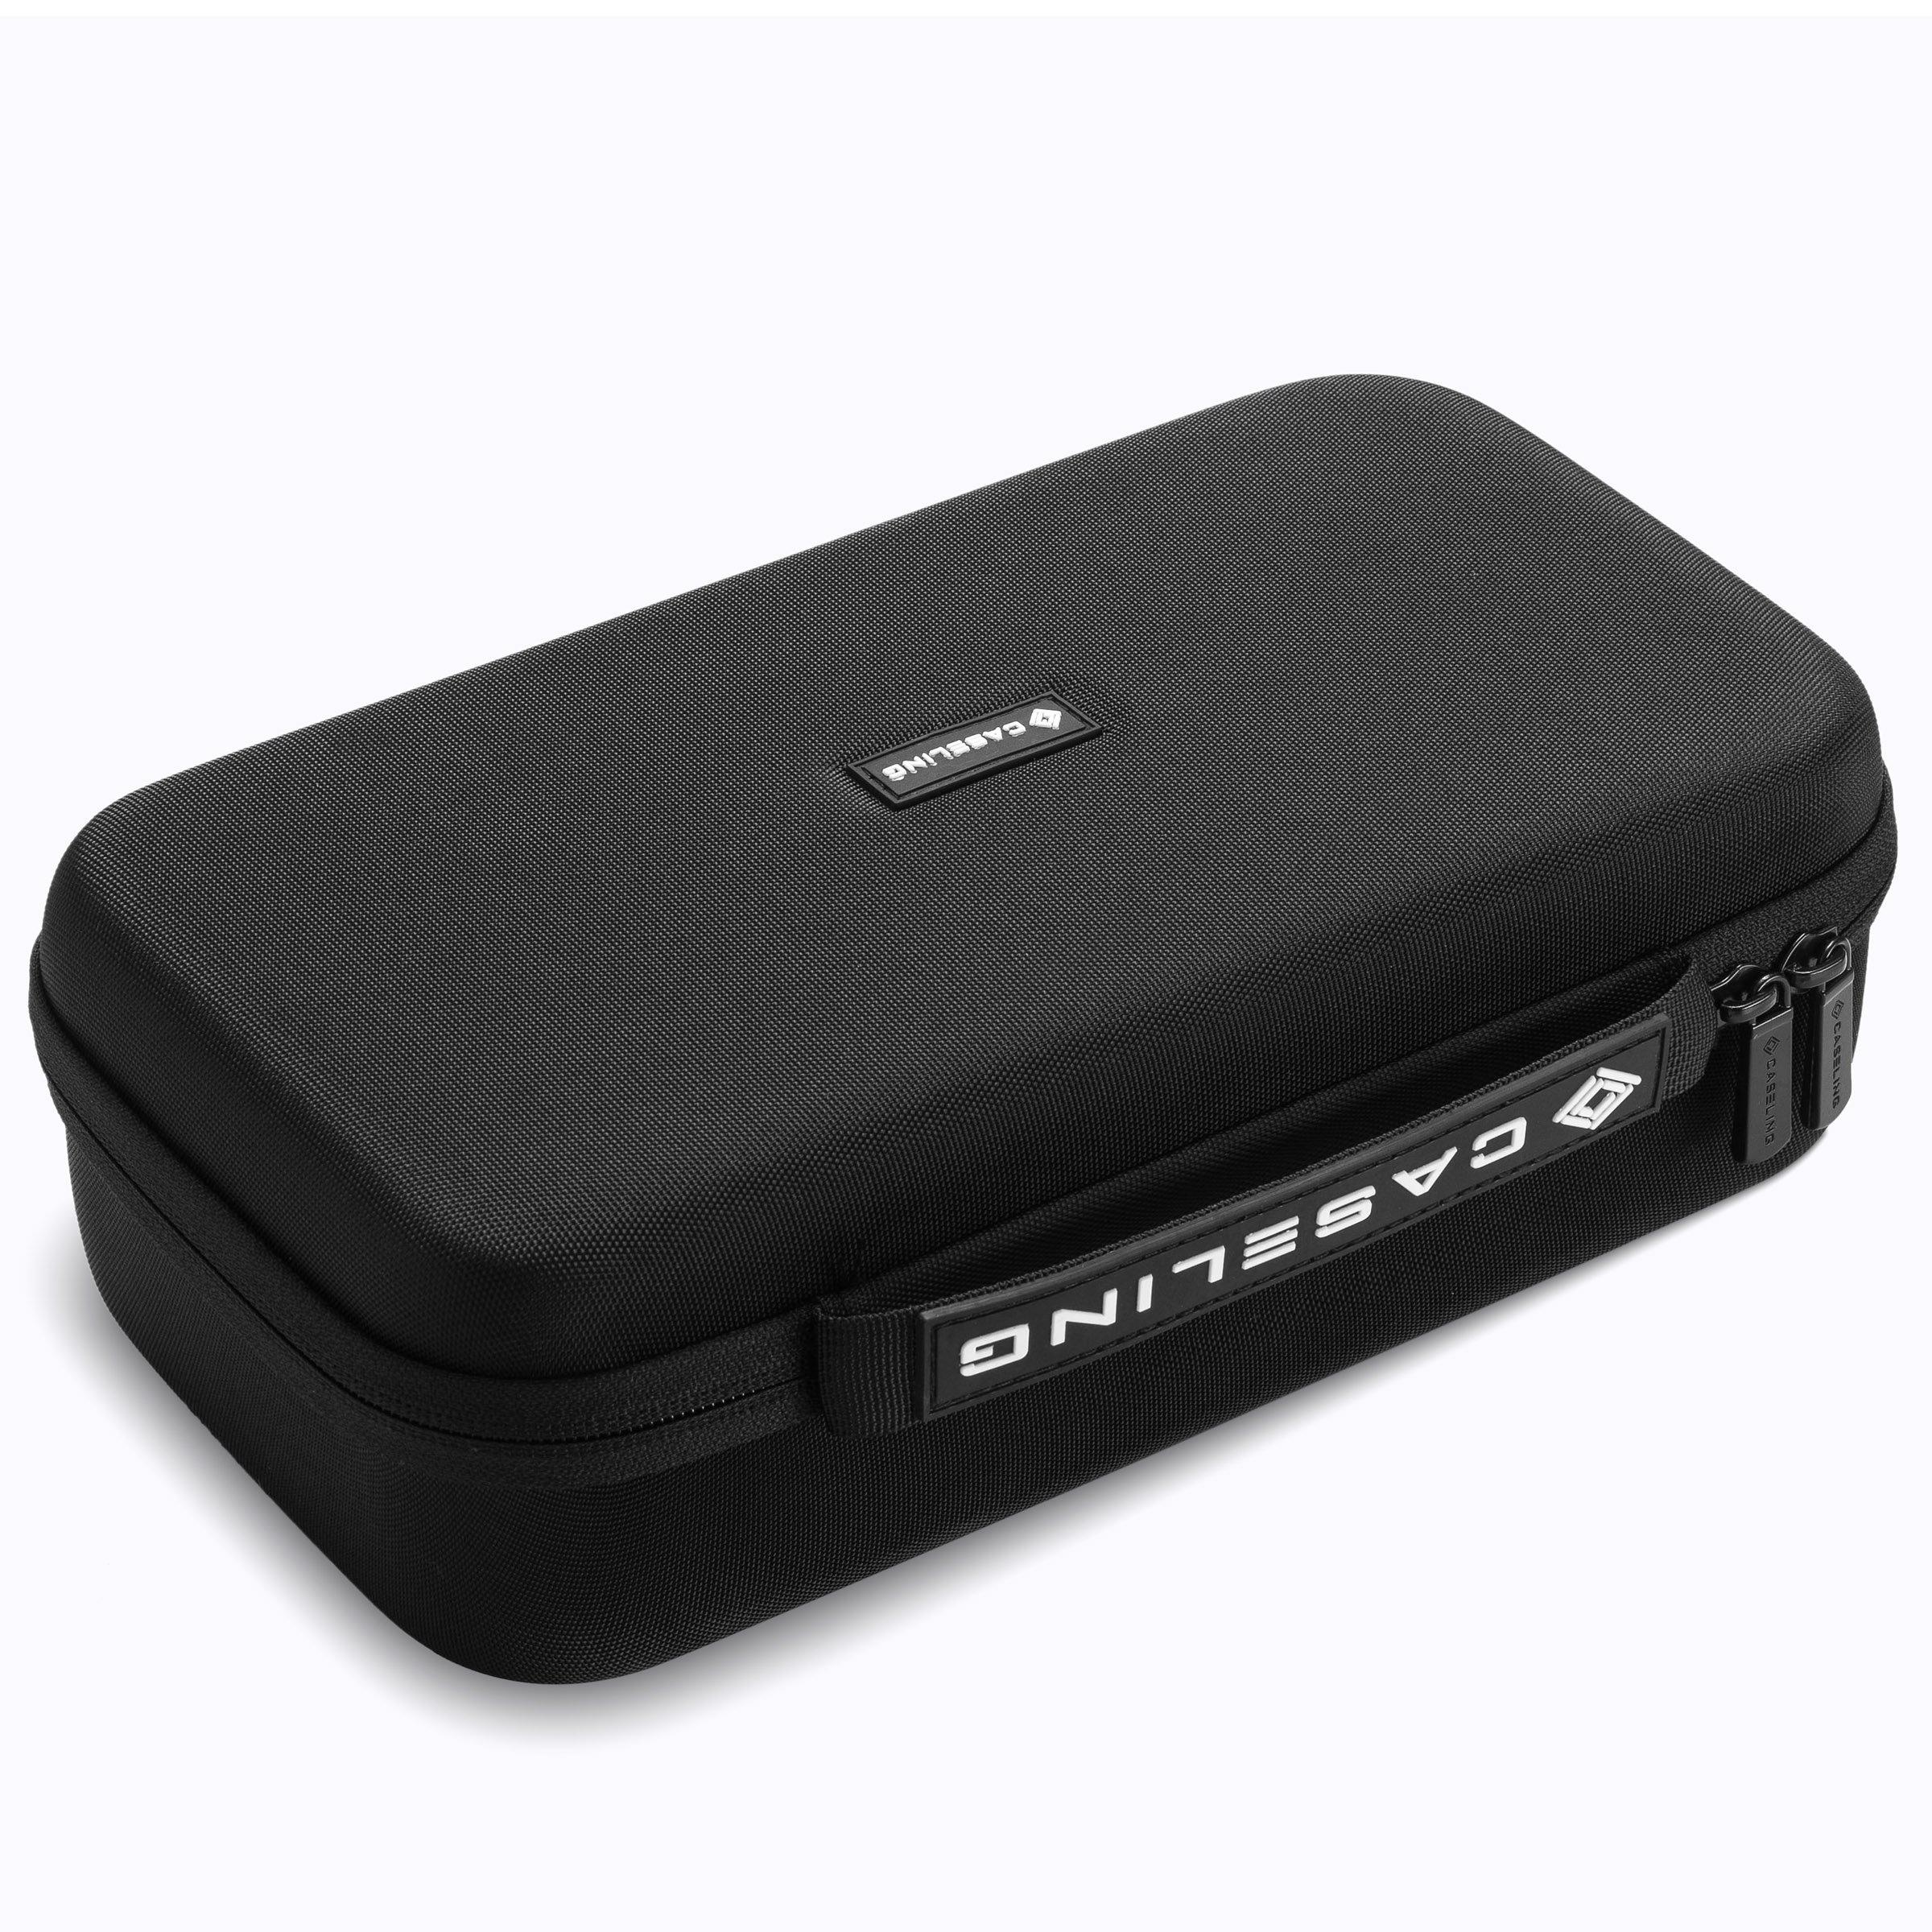 Hard CASE for Audio-Technica ATR2100-USB Cardioid Dynamic USB/XLR Microphone. By Caseling